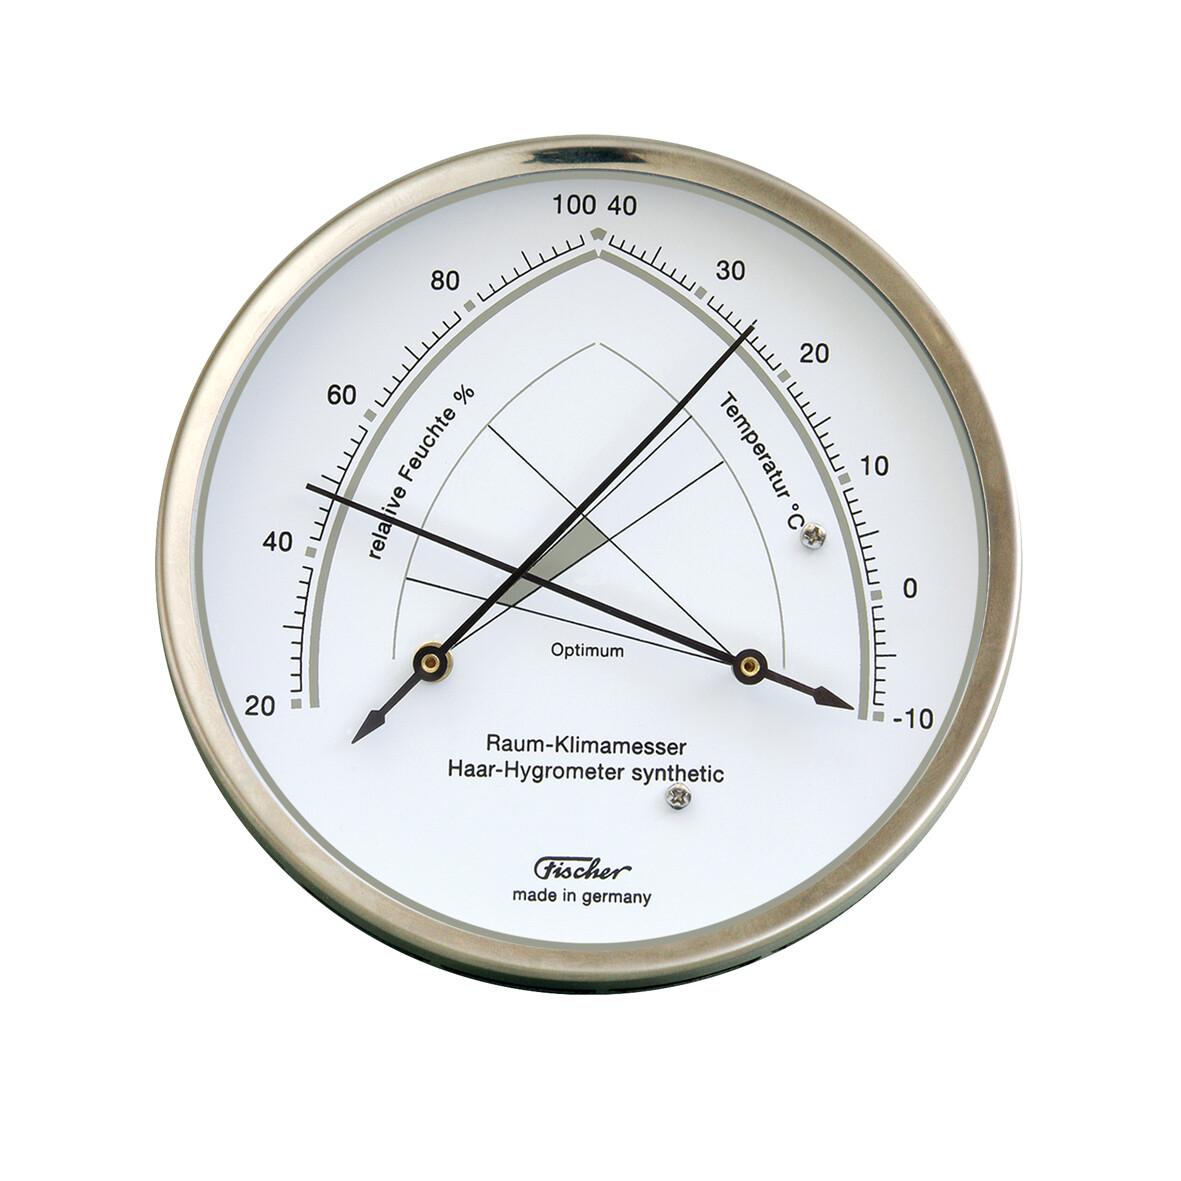 Raum-Klimamesser Edelstahl 146.01